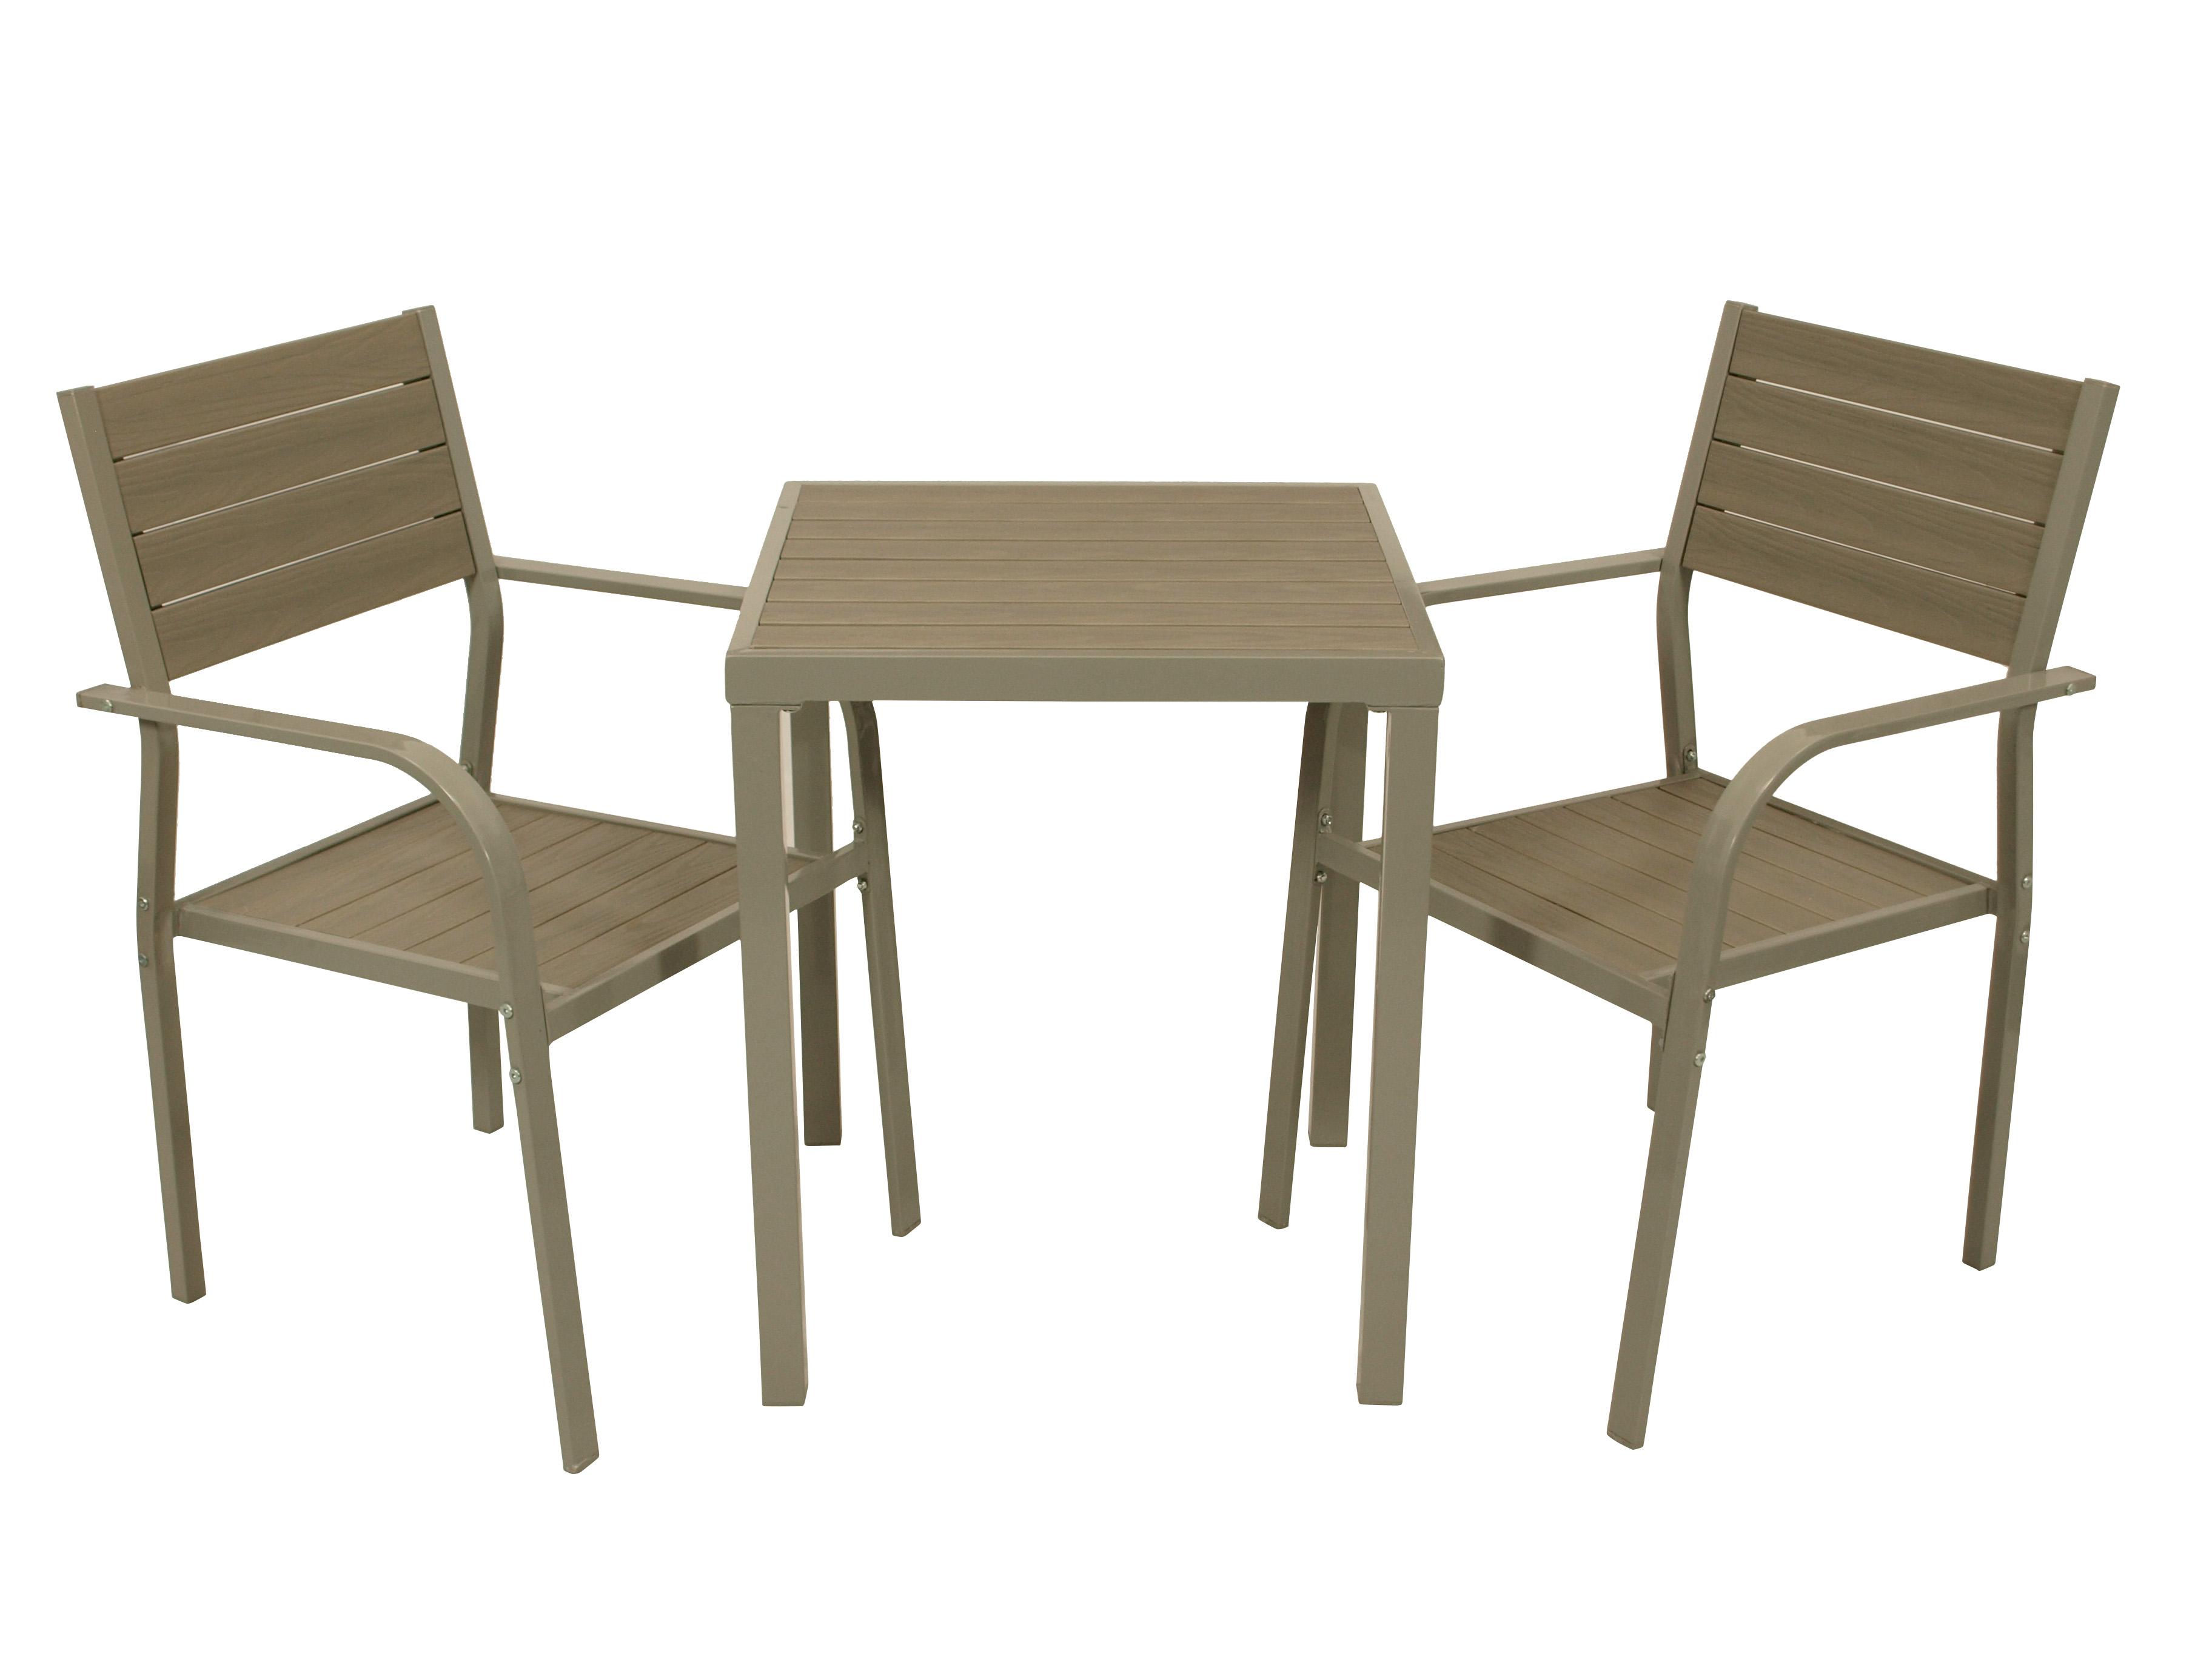 Bistroset VARENNA 3-teilig, Metall + Polywood, grau